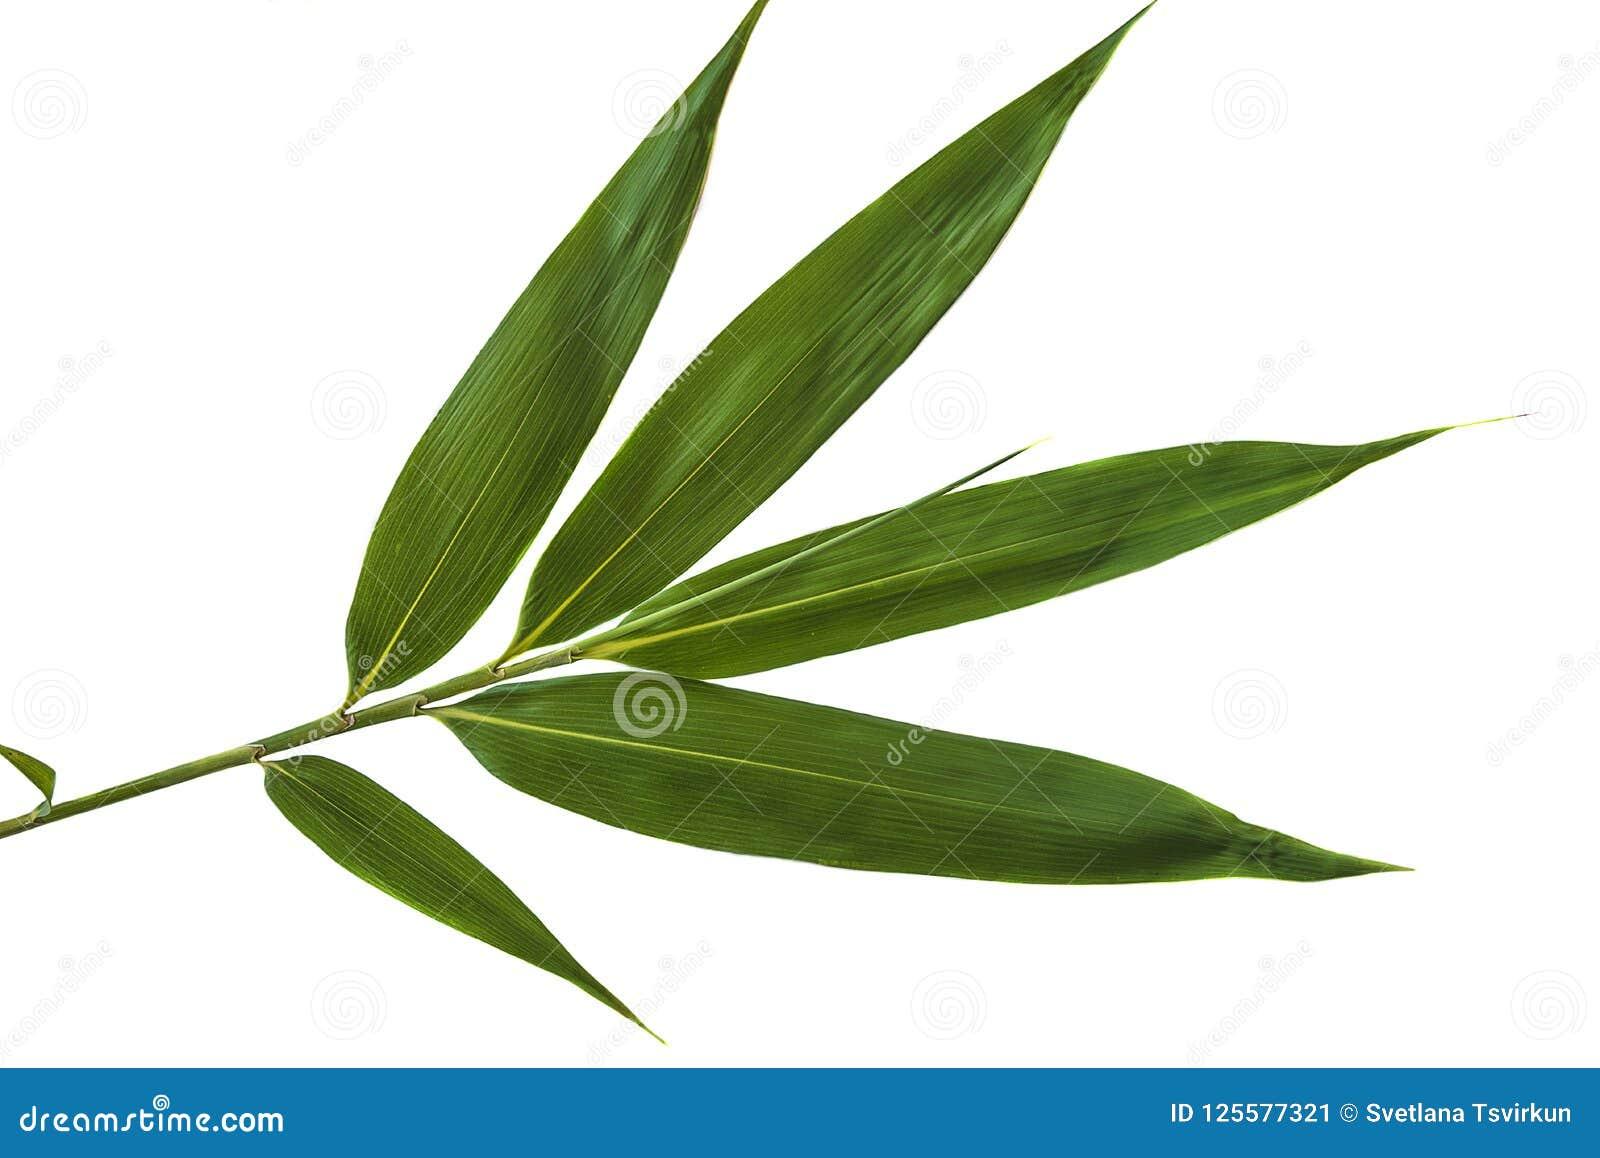 Groen bamboeblad